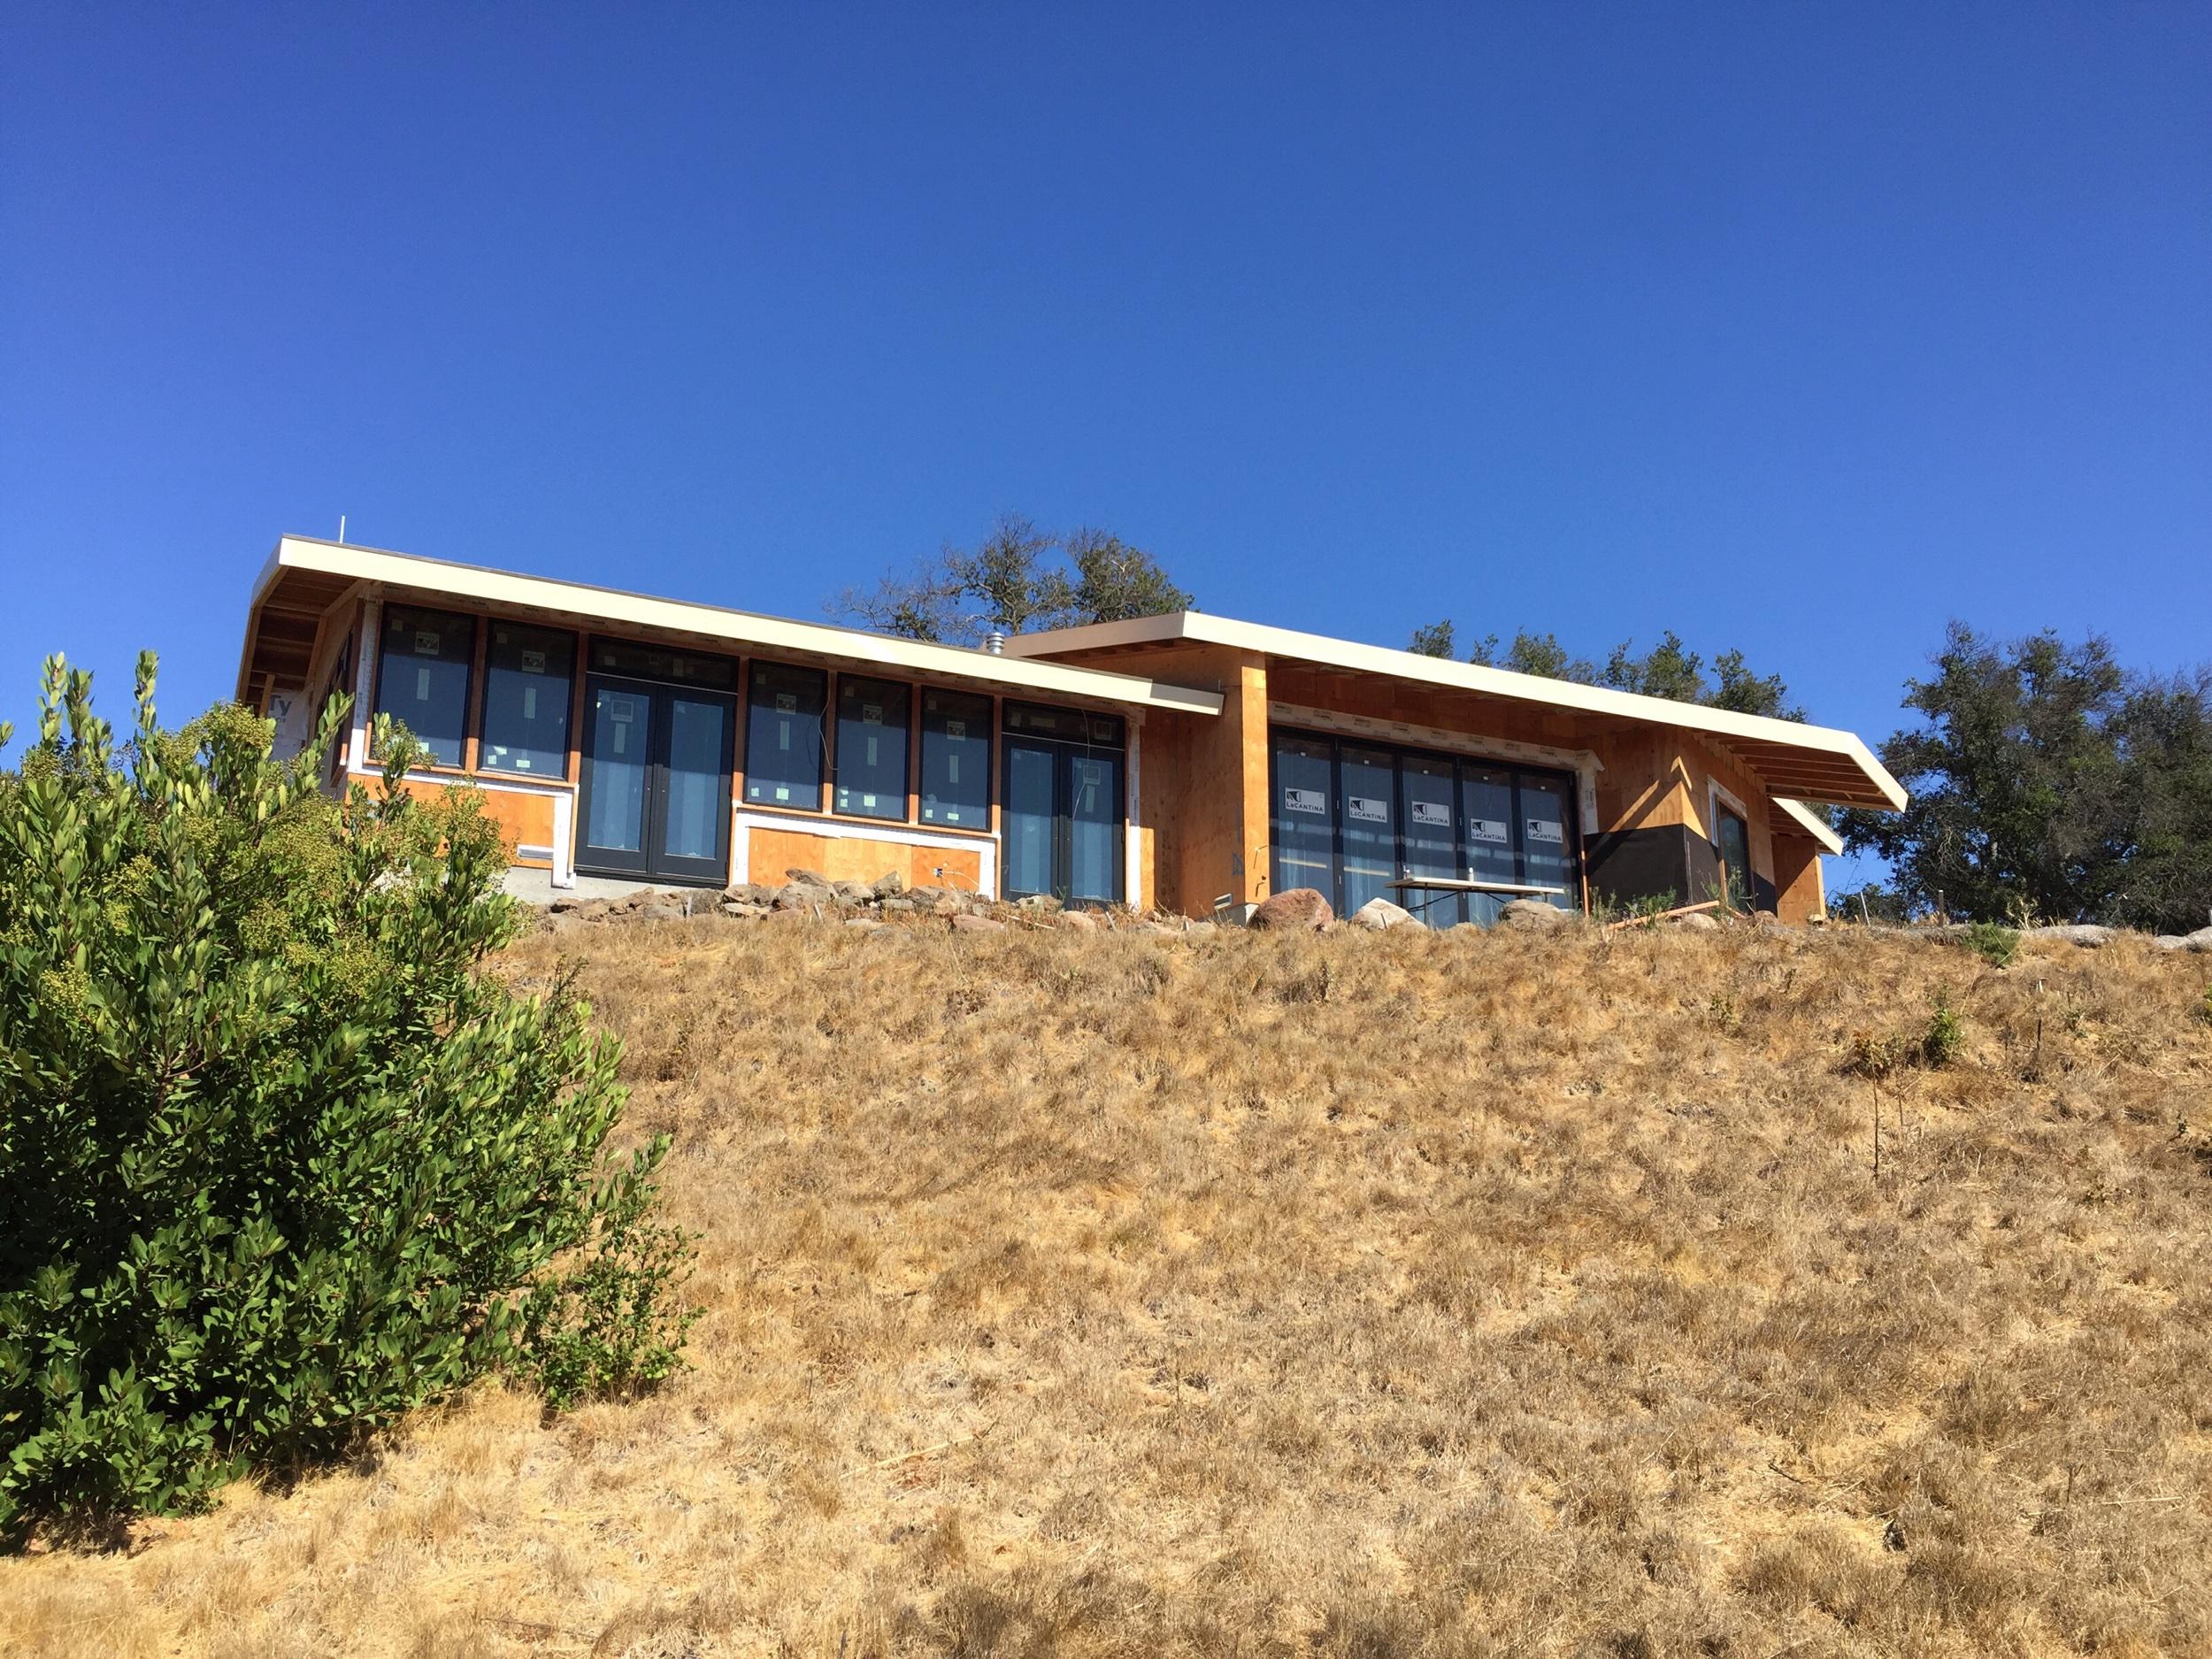 From the hillside below